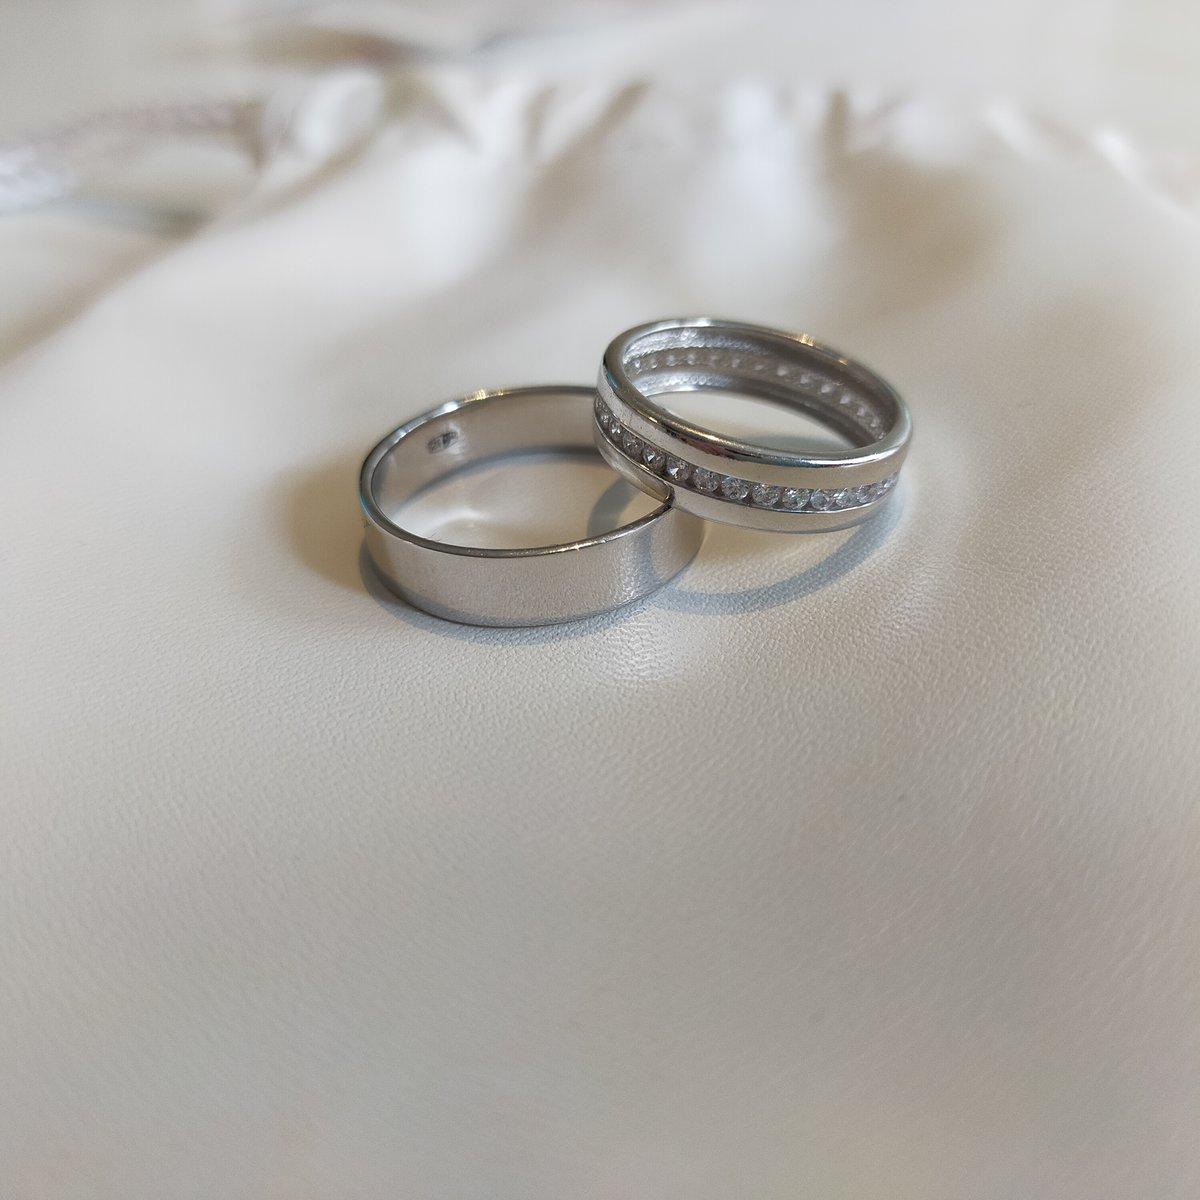 Шикарный кольца и не дорогие.